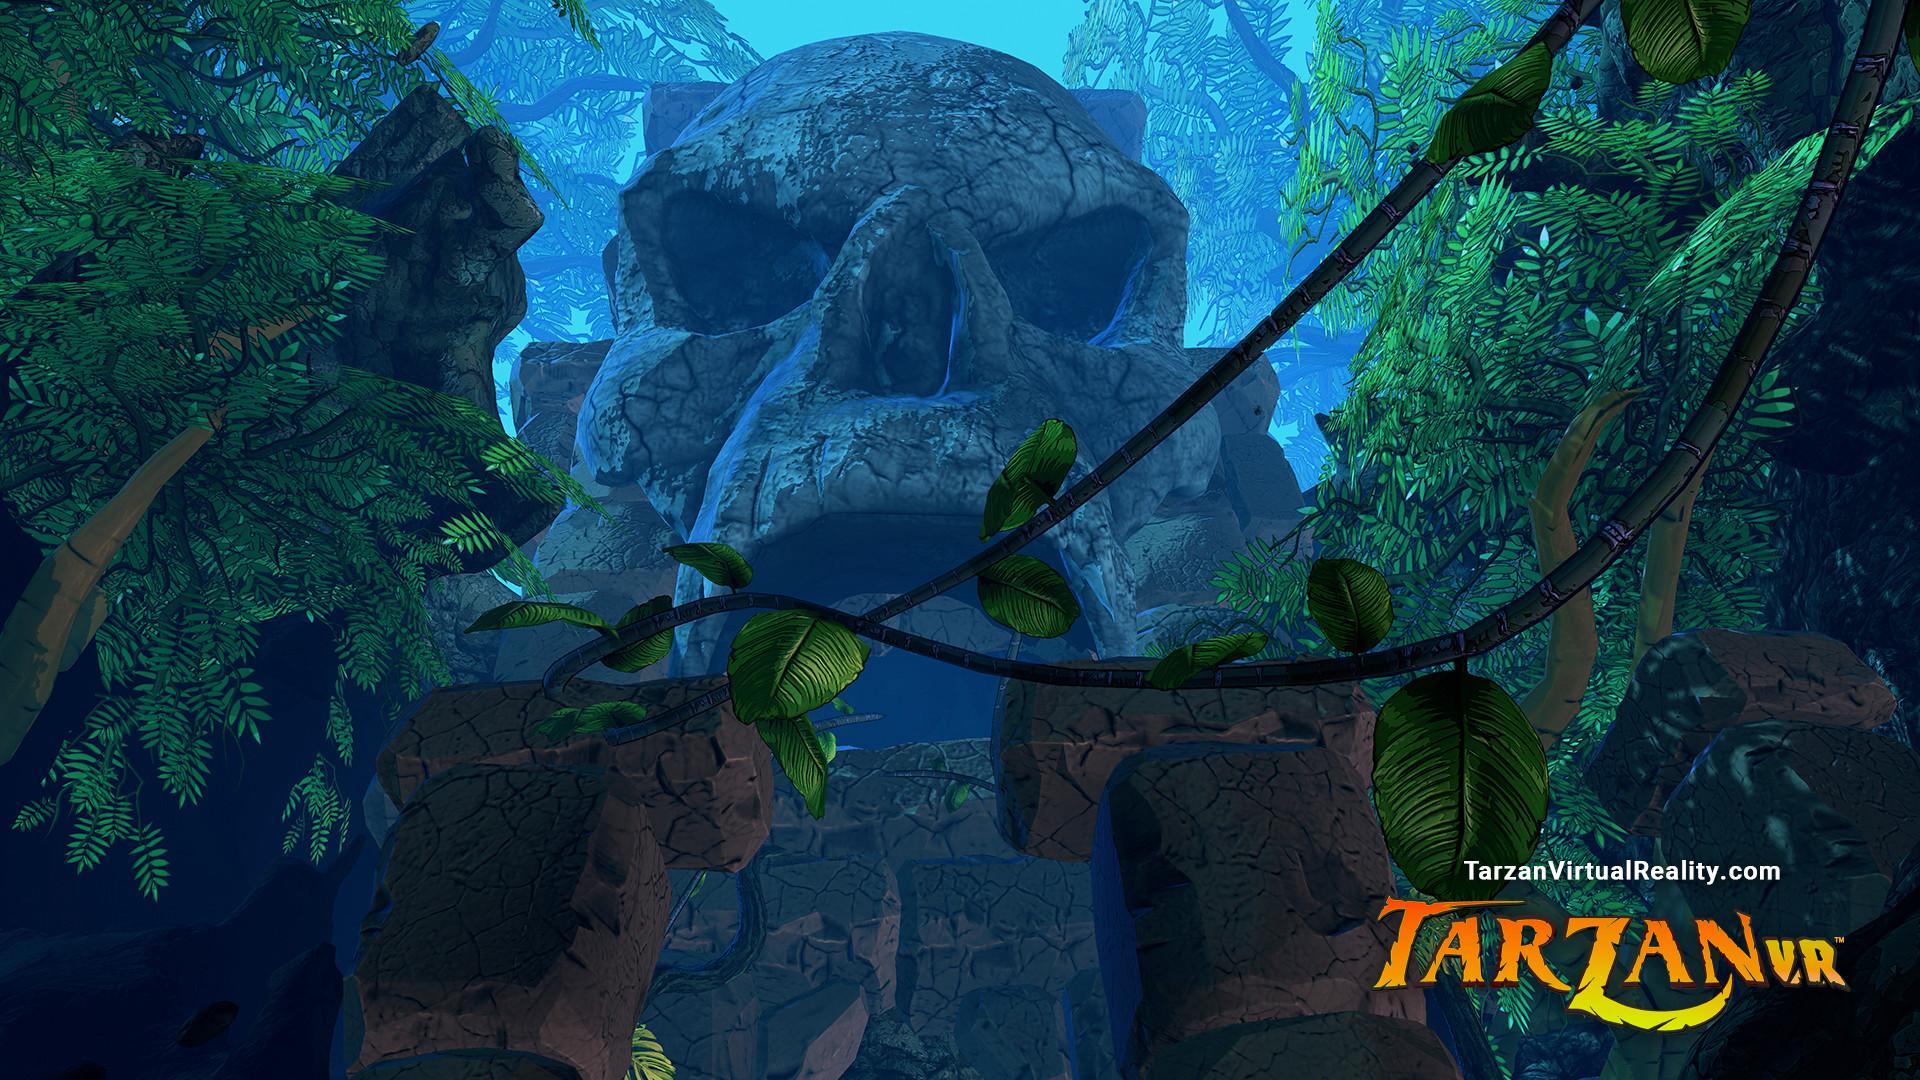 Oculus Quest 游戏《Tarzan VR™》泰山 VR™插图